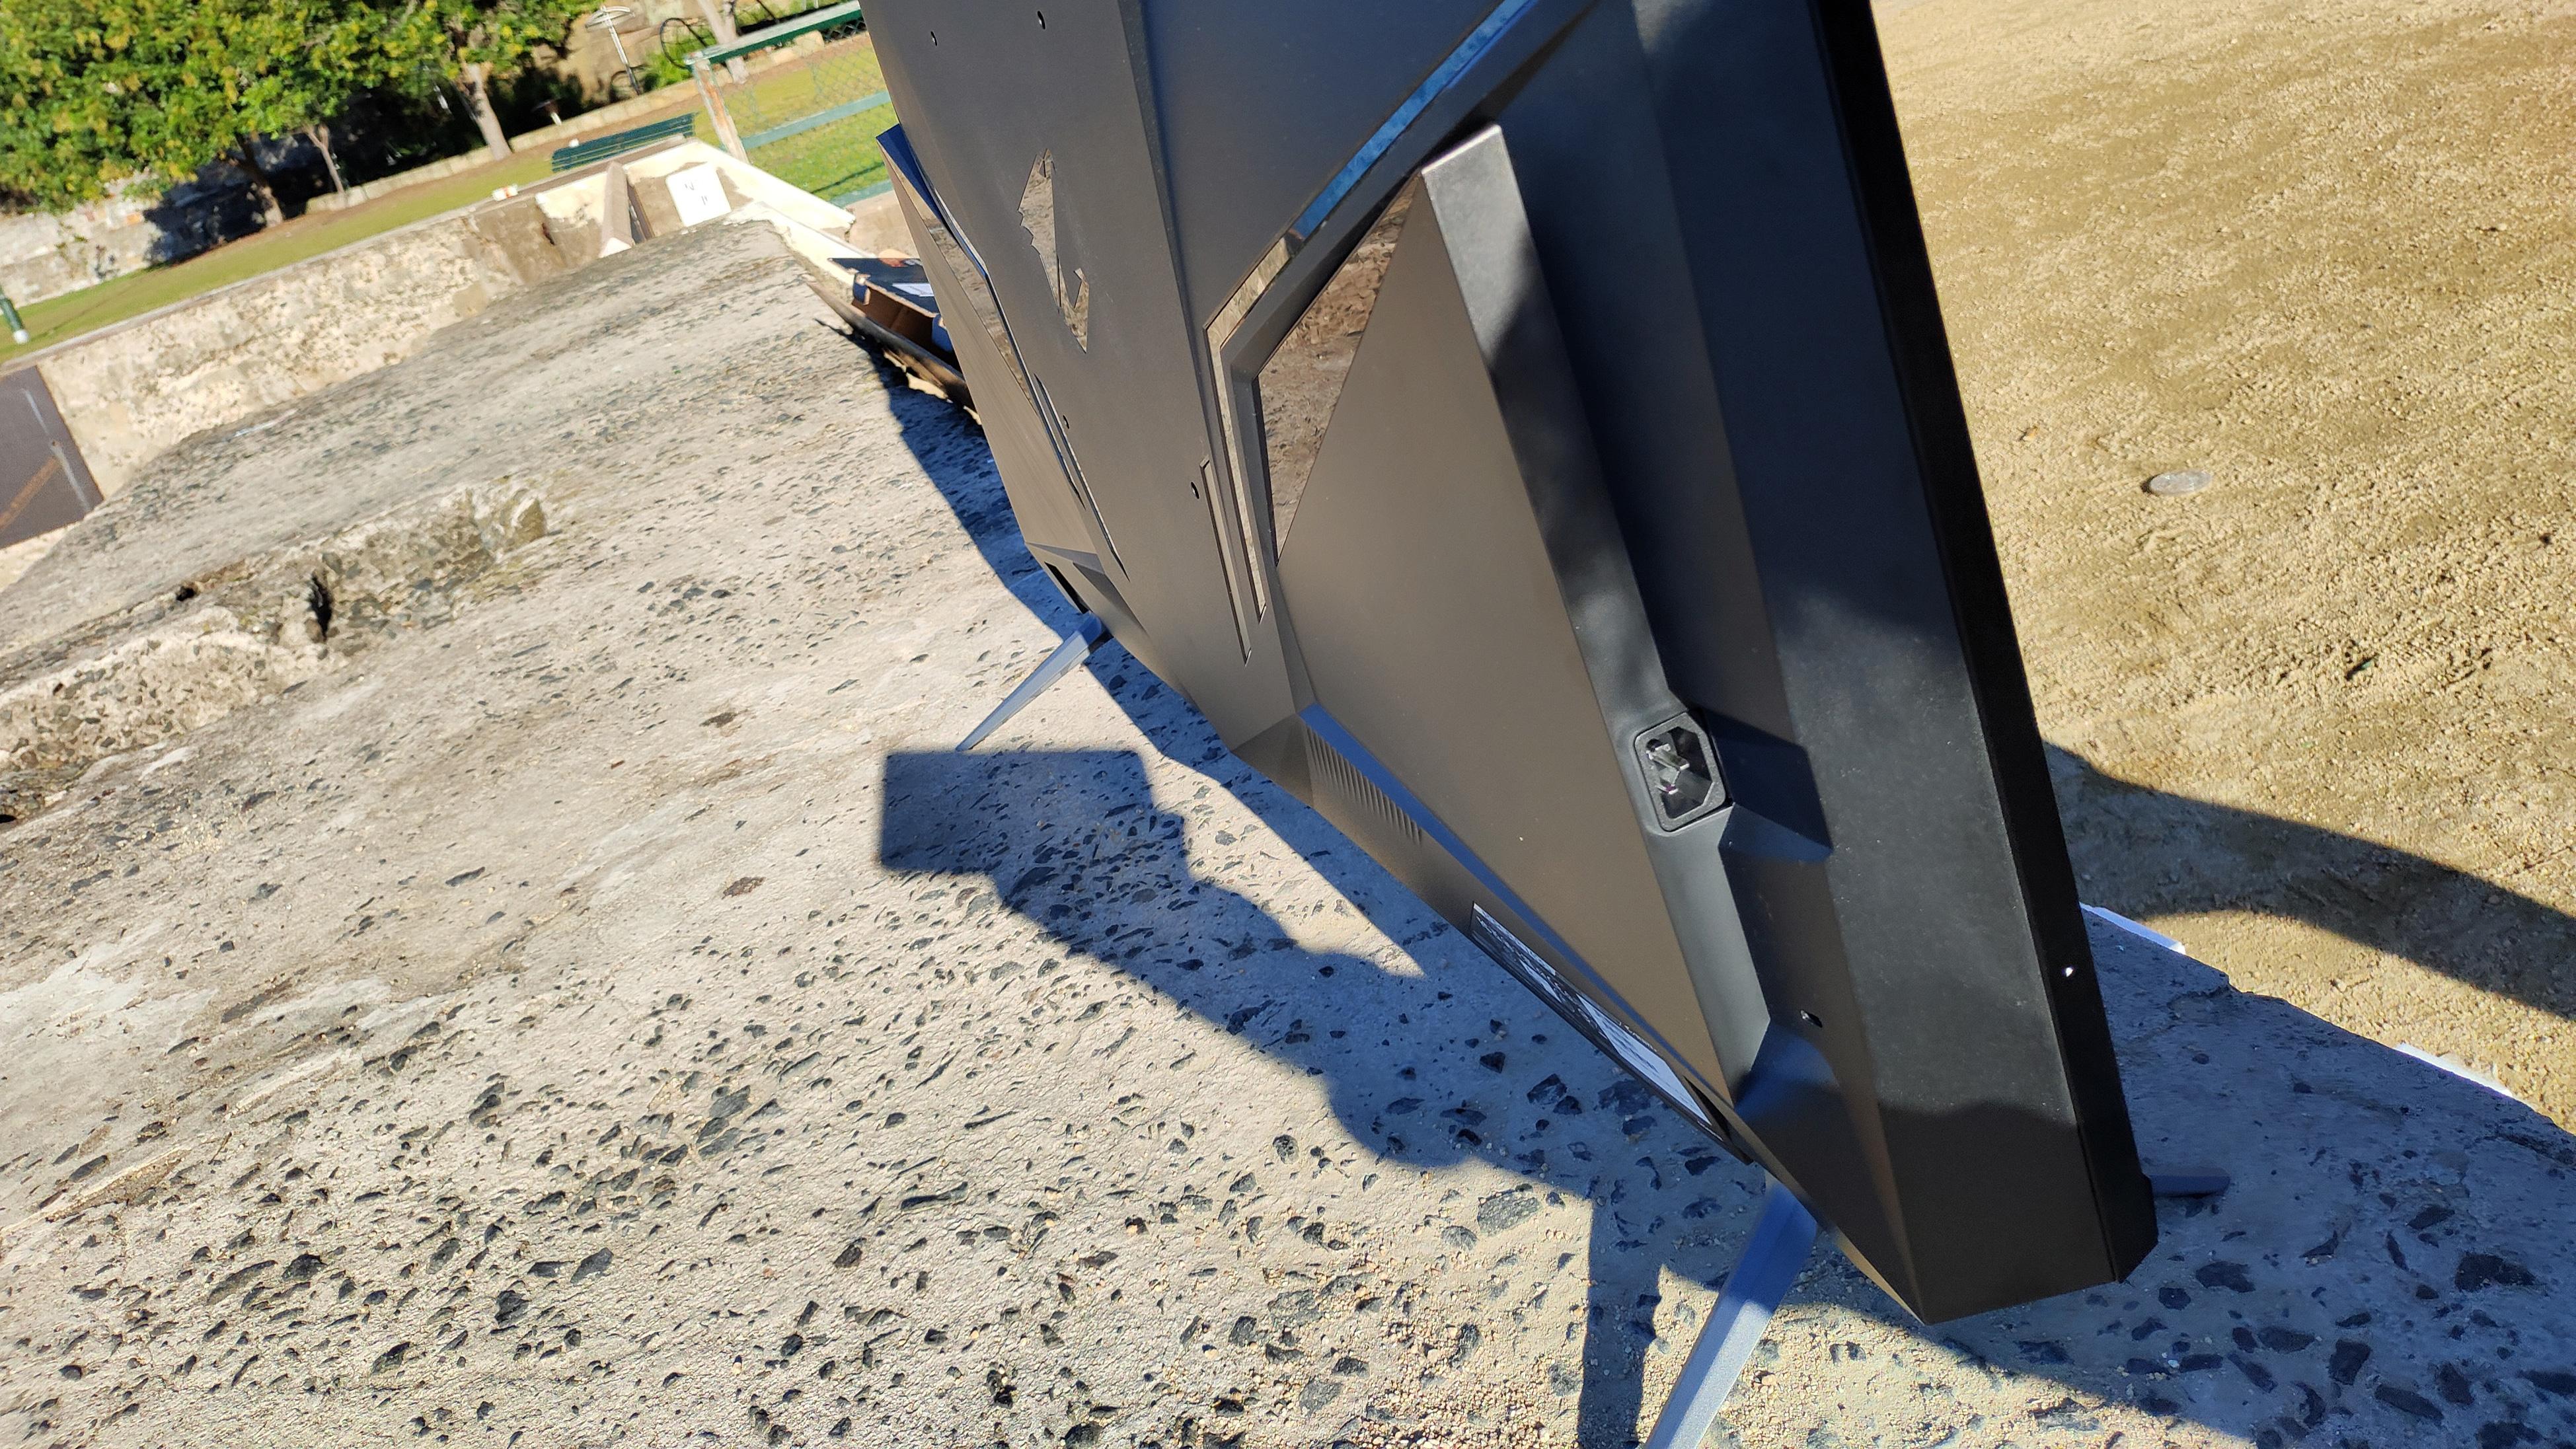 Aorus FV43U monitor side view